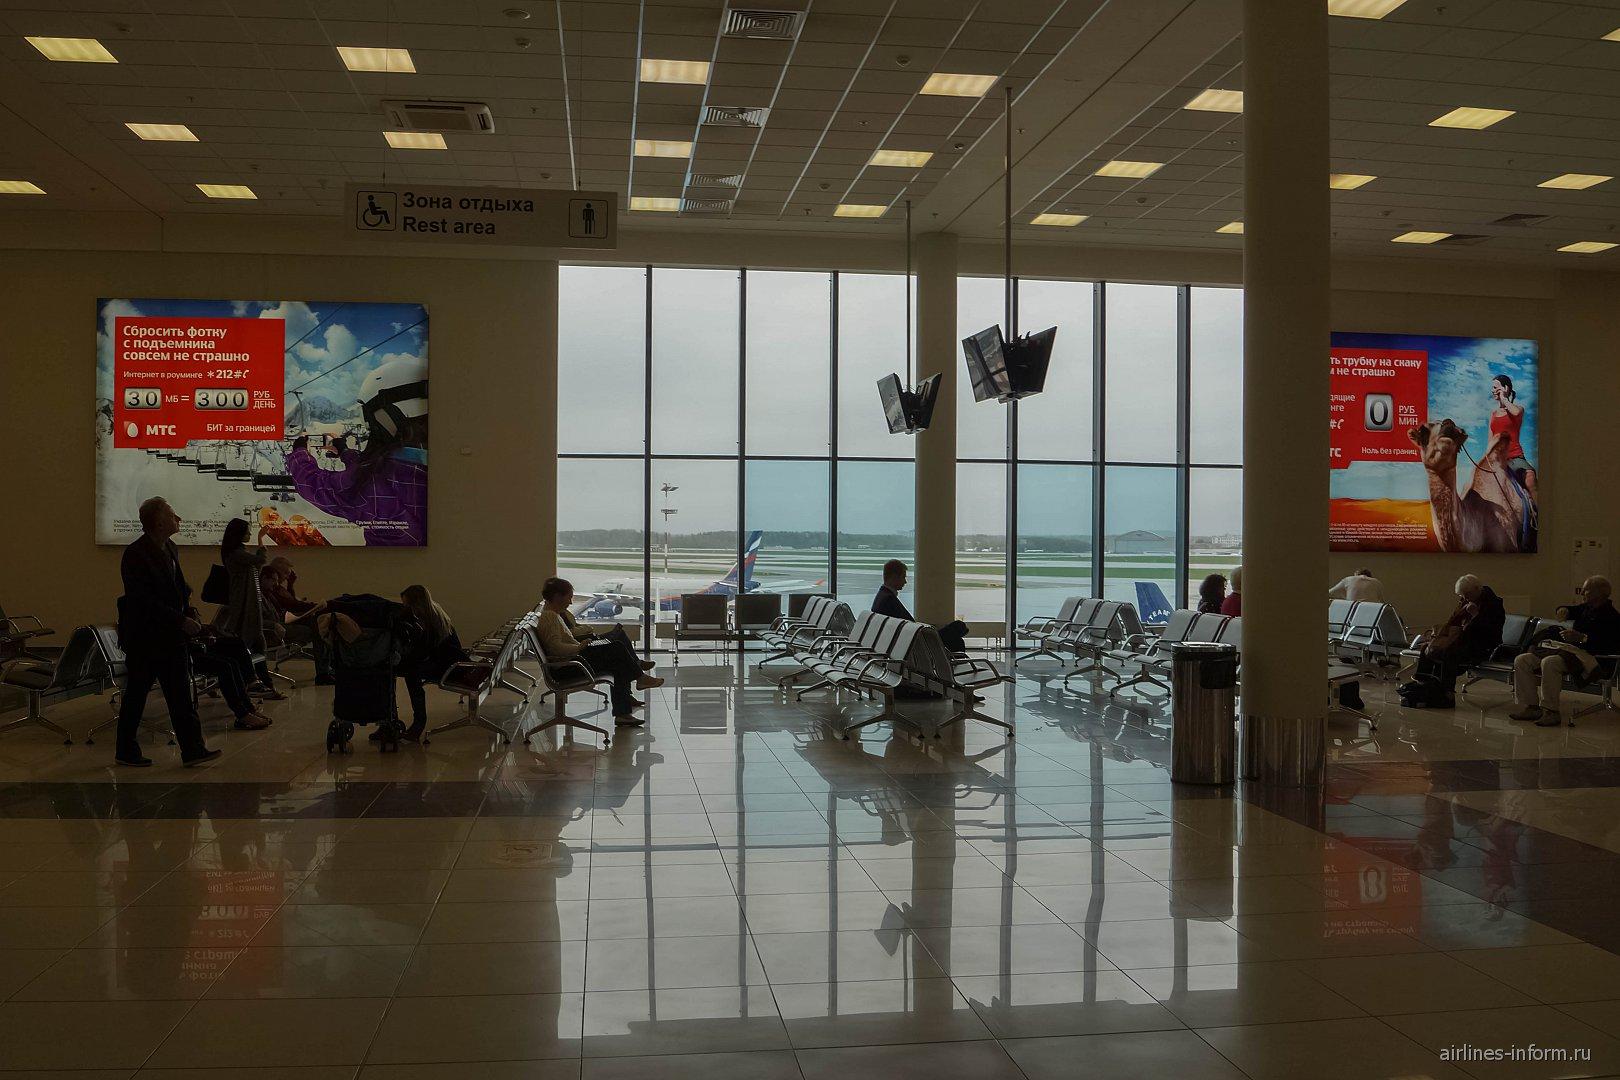 Места для ожидания вылета в чистой зоне терминала Е аэропорта Шереметьево